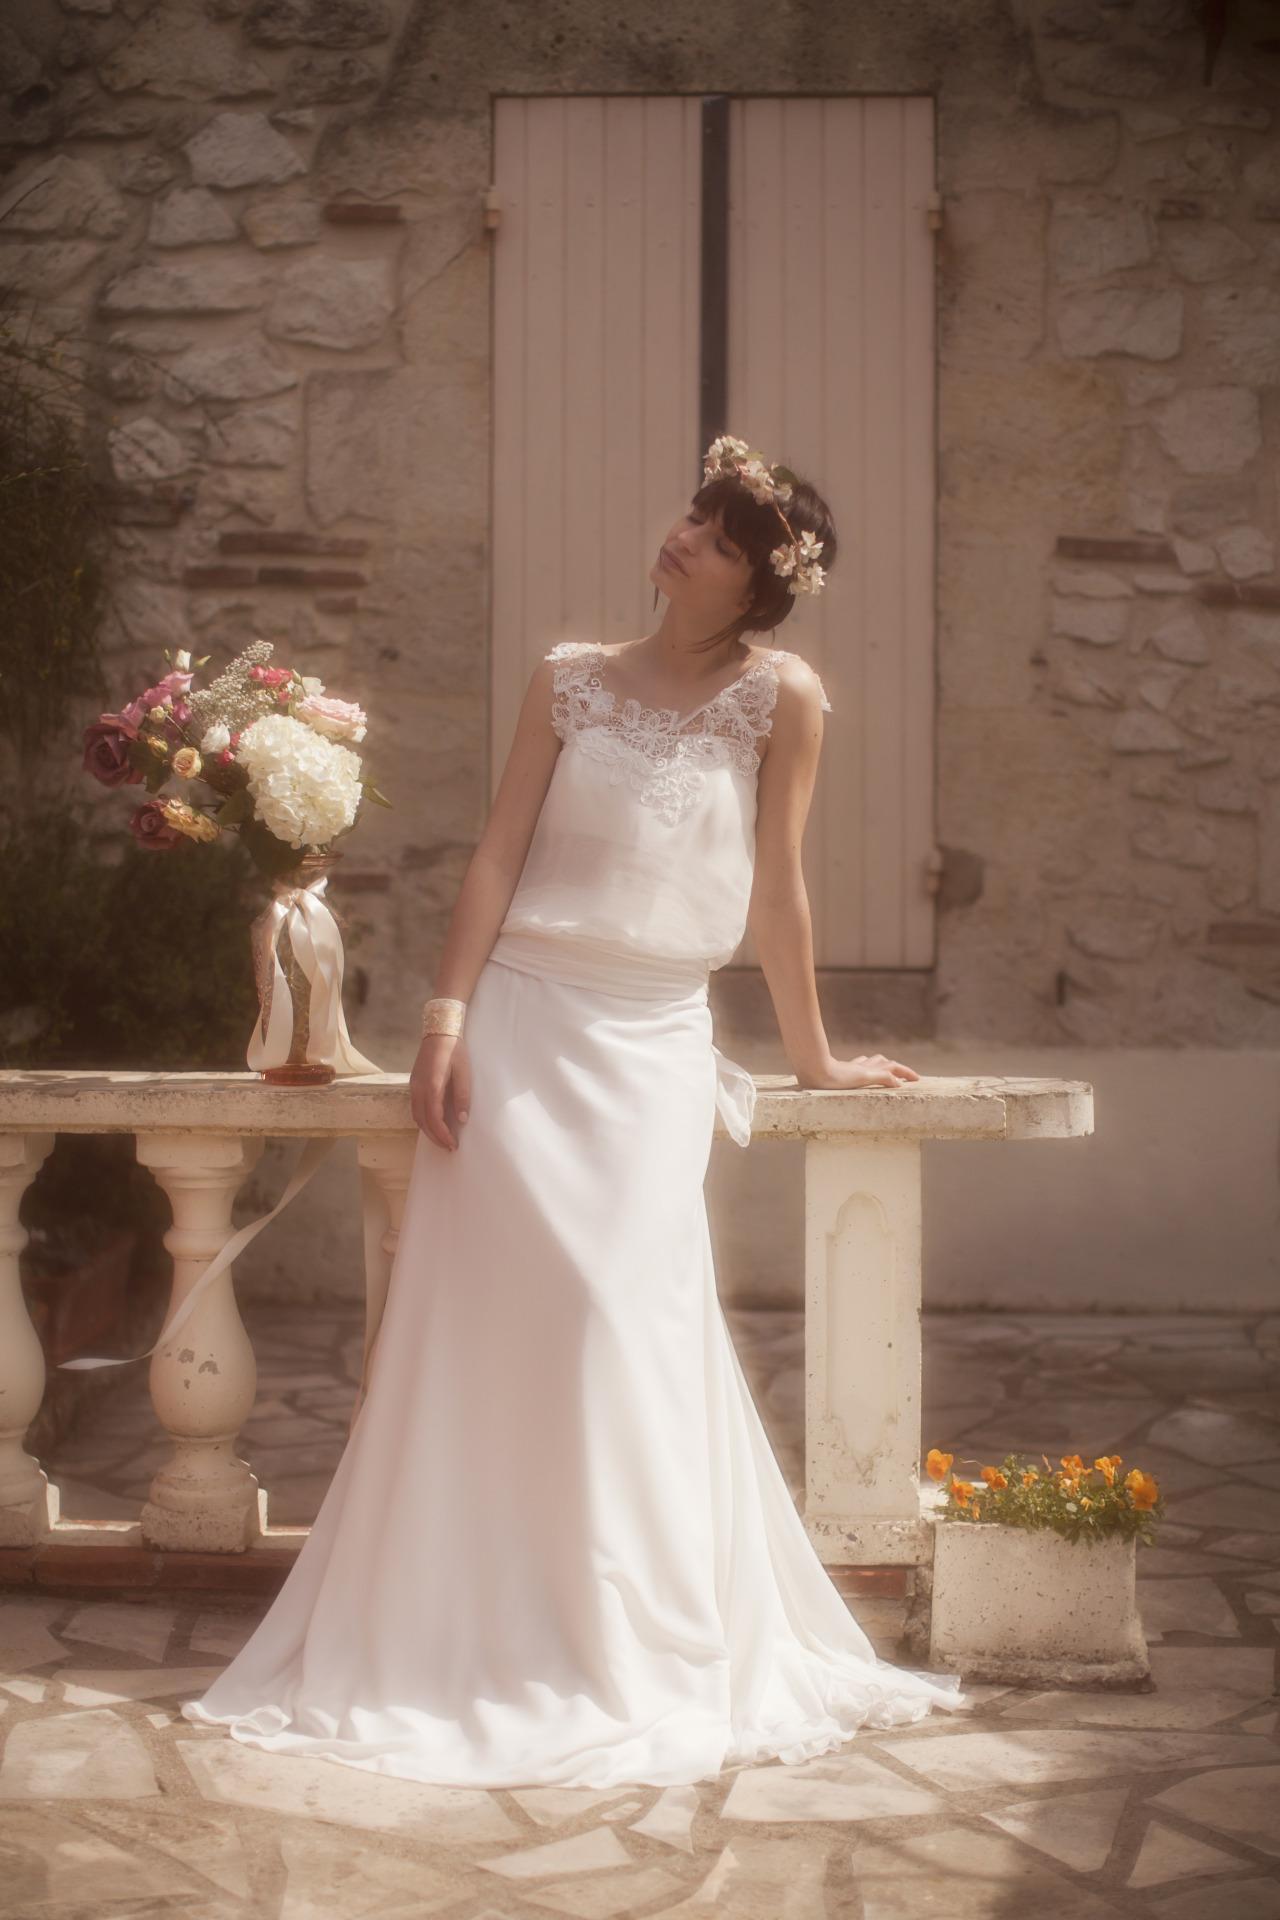 Robes-de-mariée-Elsa-Gary-2016-Collection-les-jolies-filles-Le-modèle-Marianne-NotreMariageNet-Copie